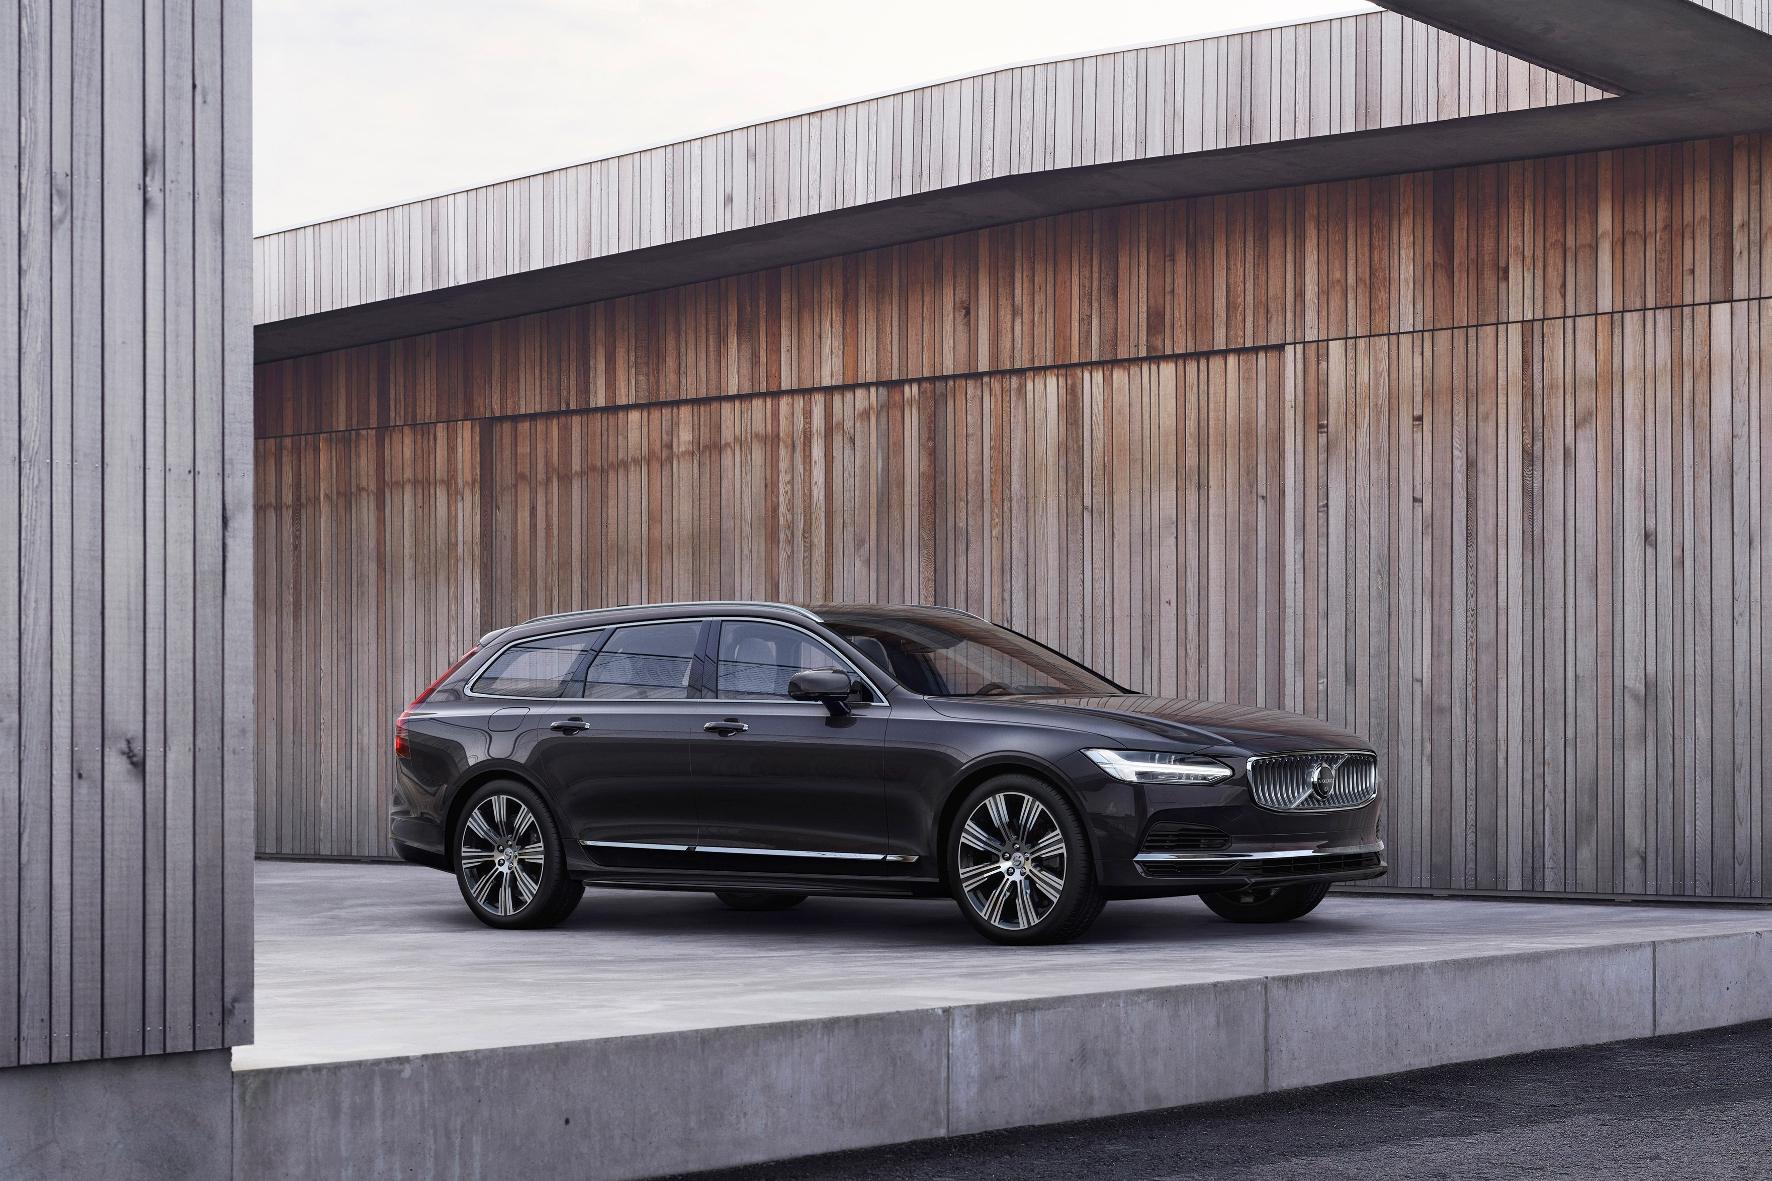 mid Groß-Gerau - Der Volvo V90 wird zum Modelljahr 2021 überarbeitet. Volvo